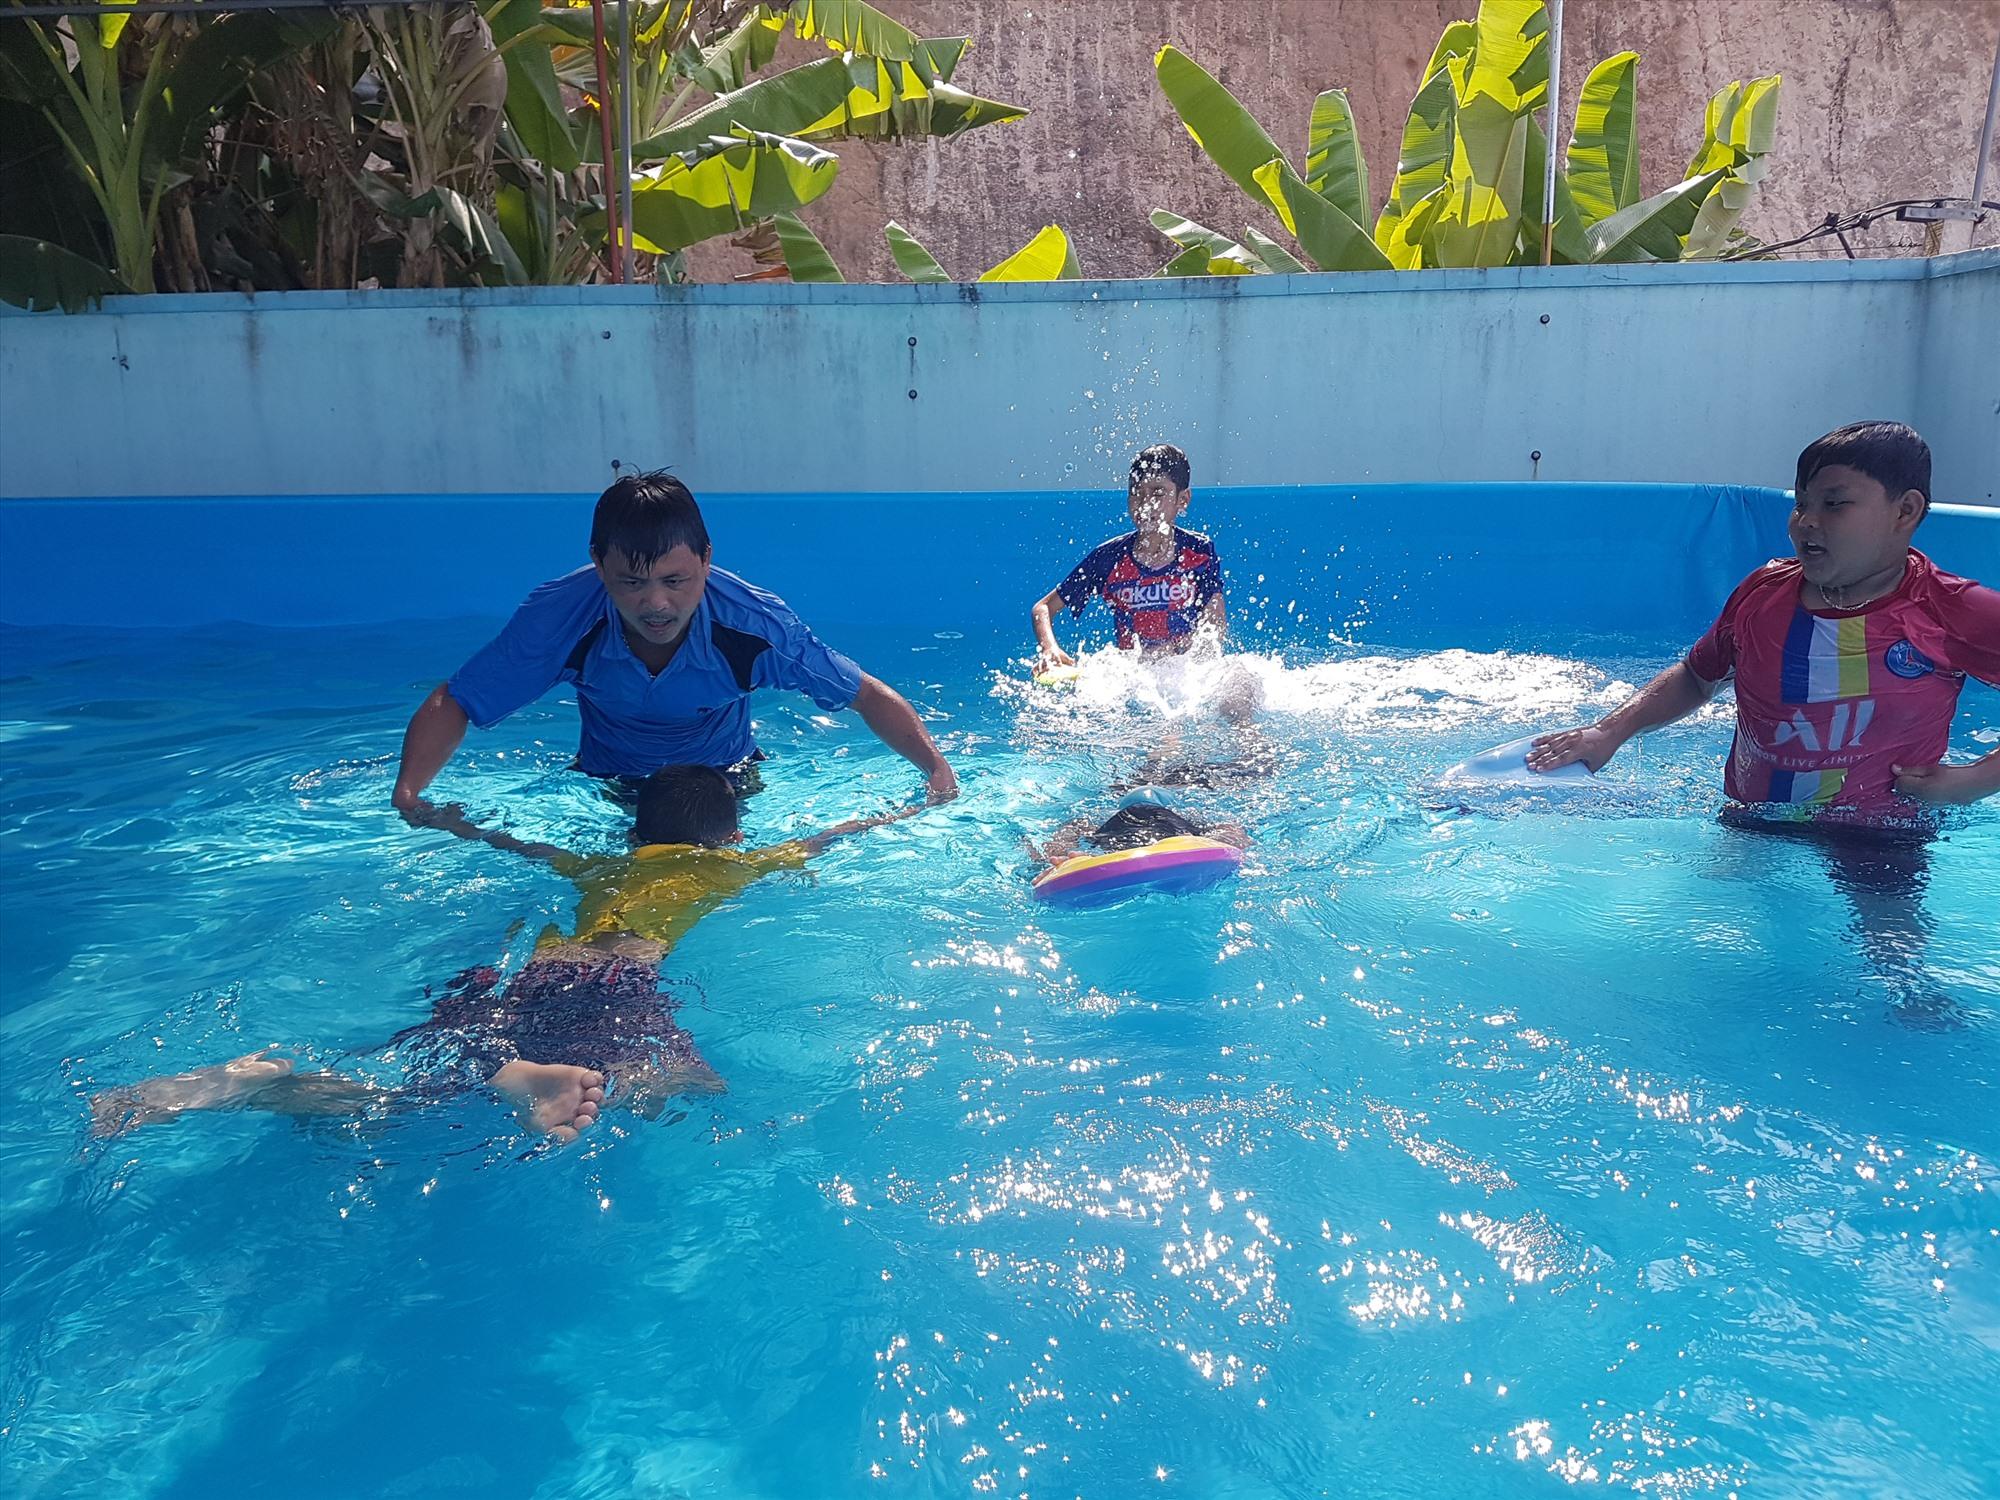 Đảm bảo an toàn trong môi trường nước thông qua các lớp dạy bơi là điều quan trọng cho trẻ. Ảnh: KHÔI LỆ